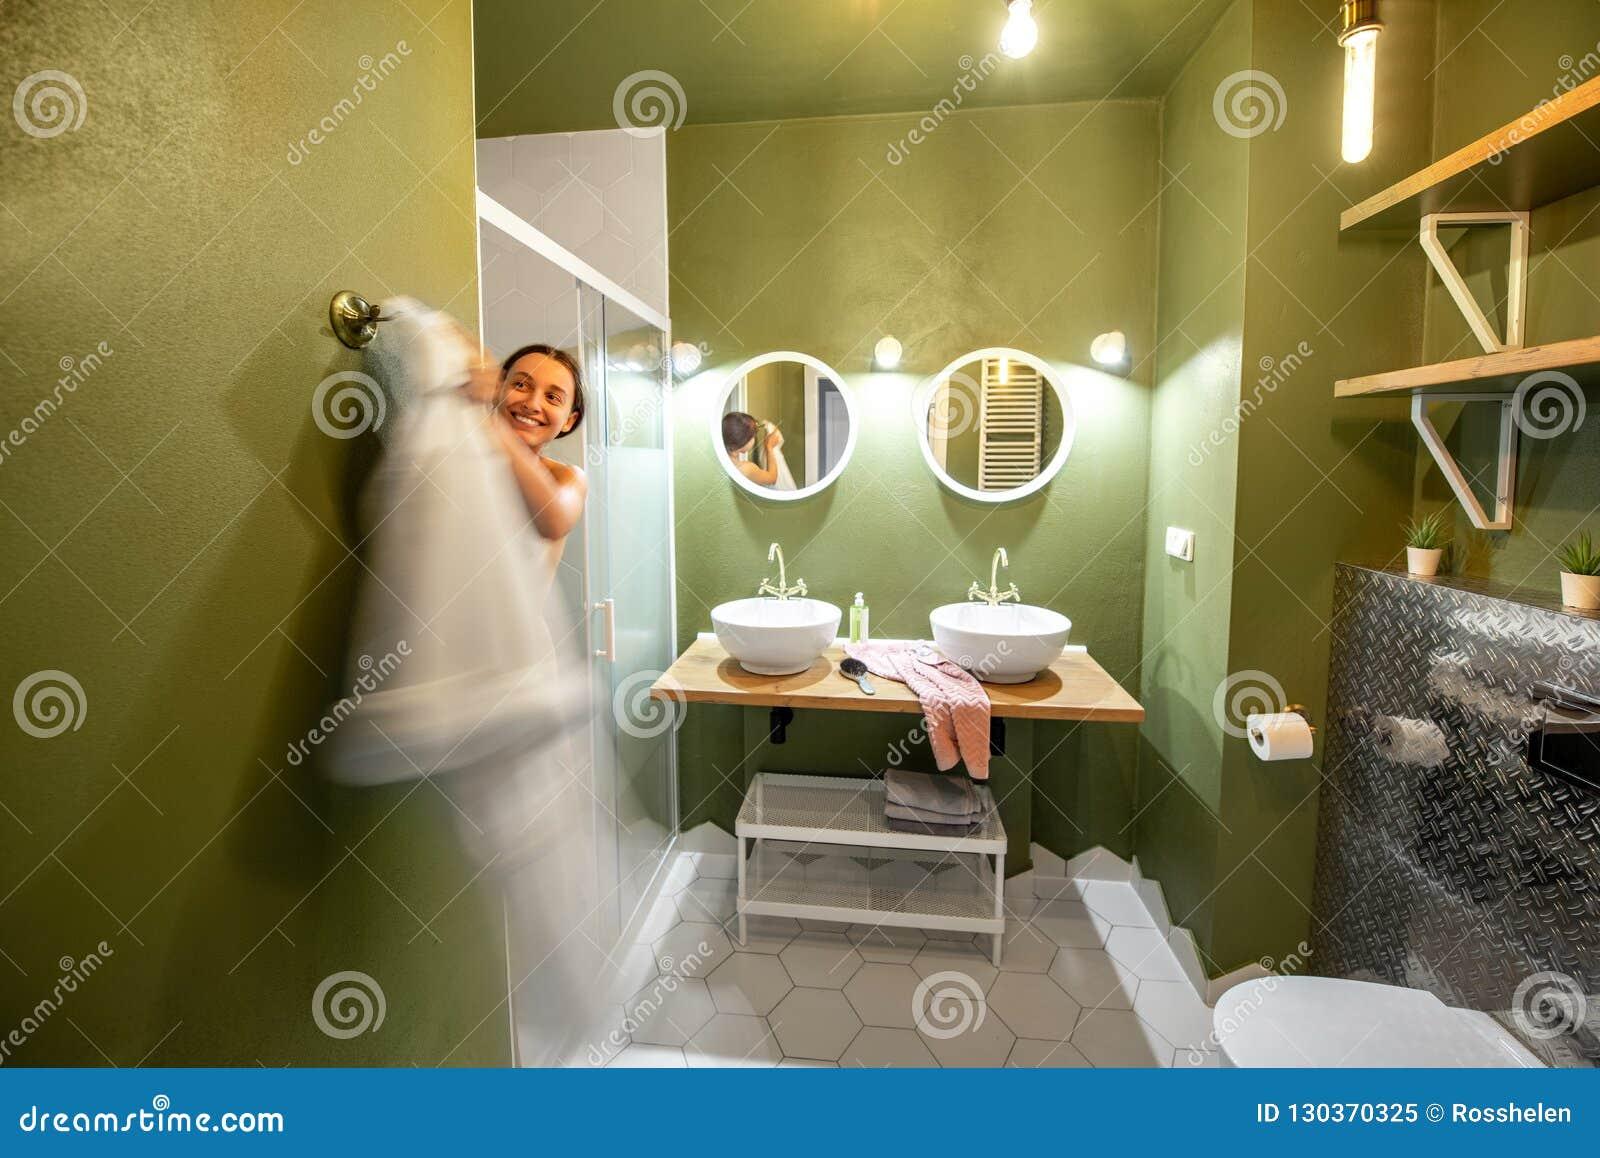 Green bathroom with woman in bathrobe